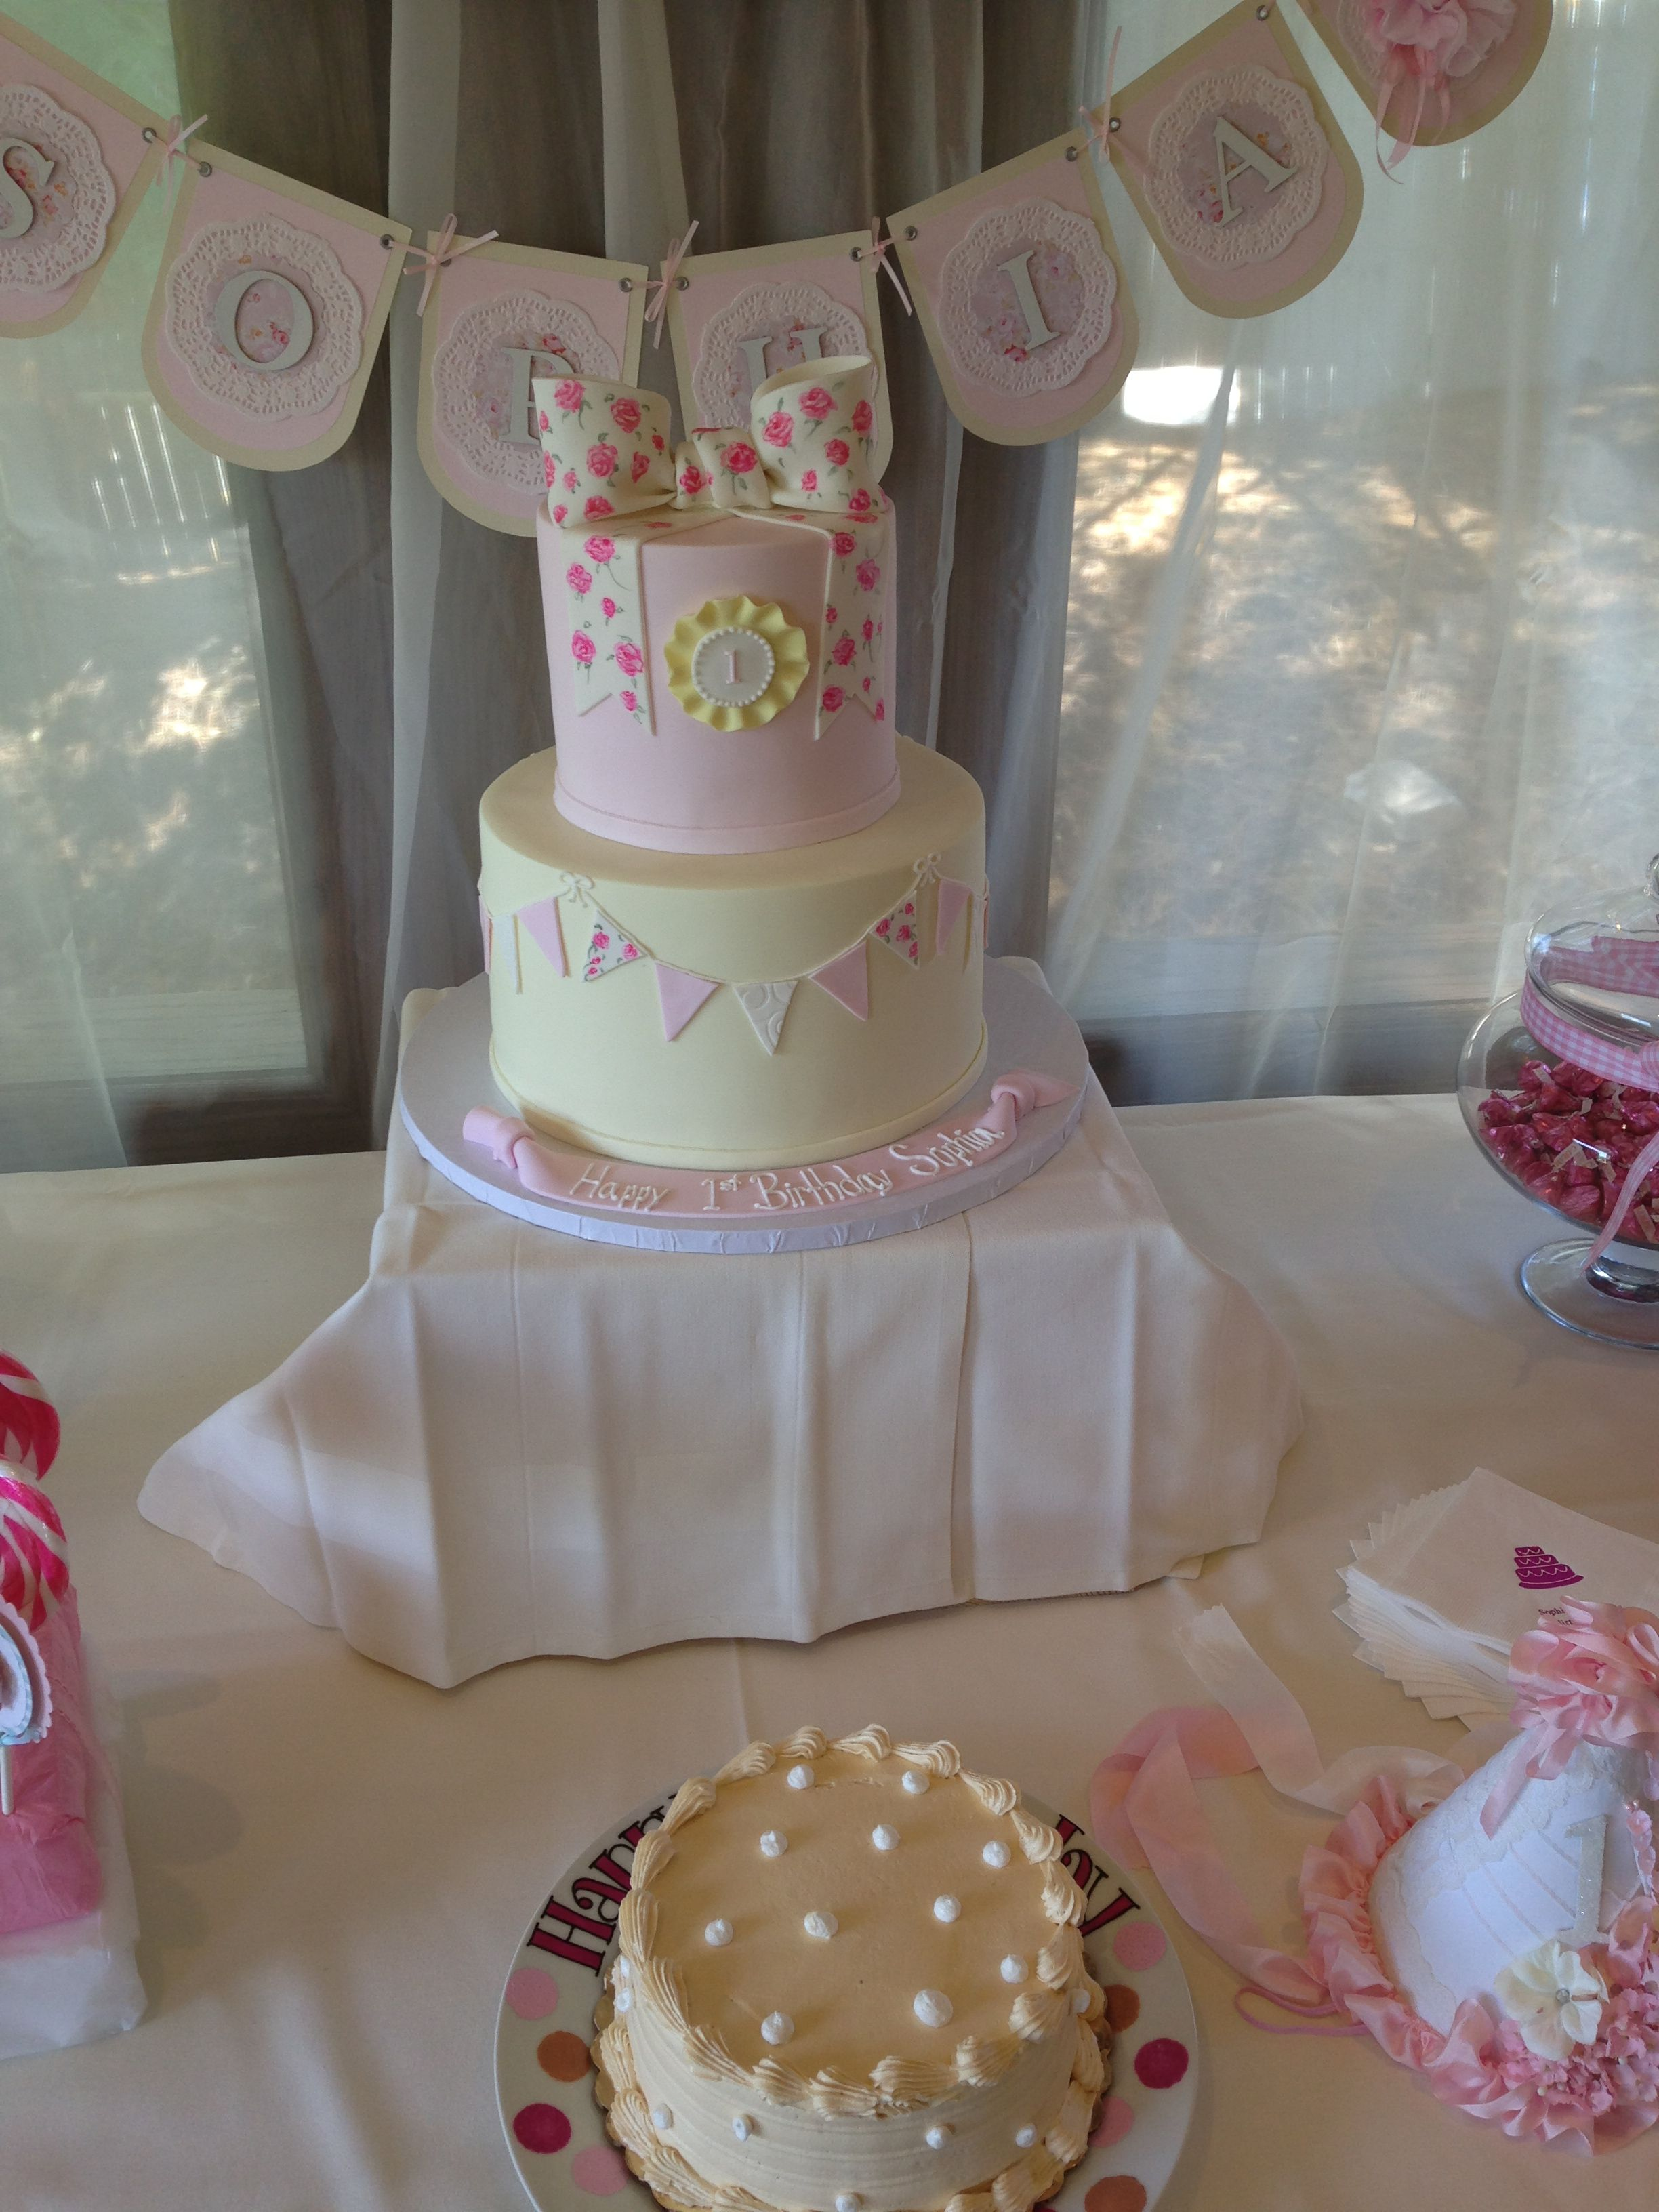 Shabby Chic Birthday Cake 1st Birthday Party Pinterest Birthdays